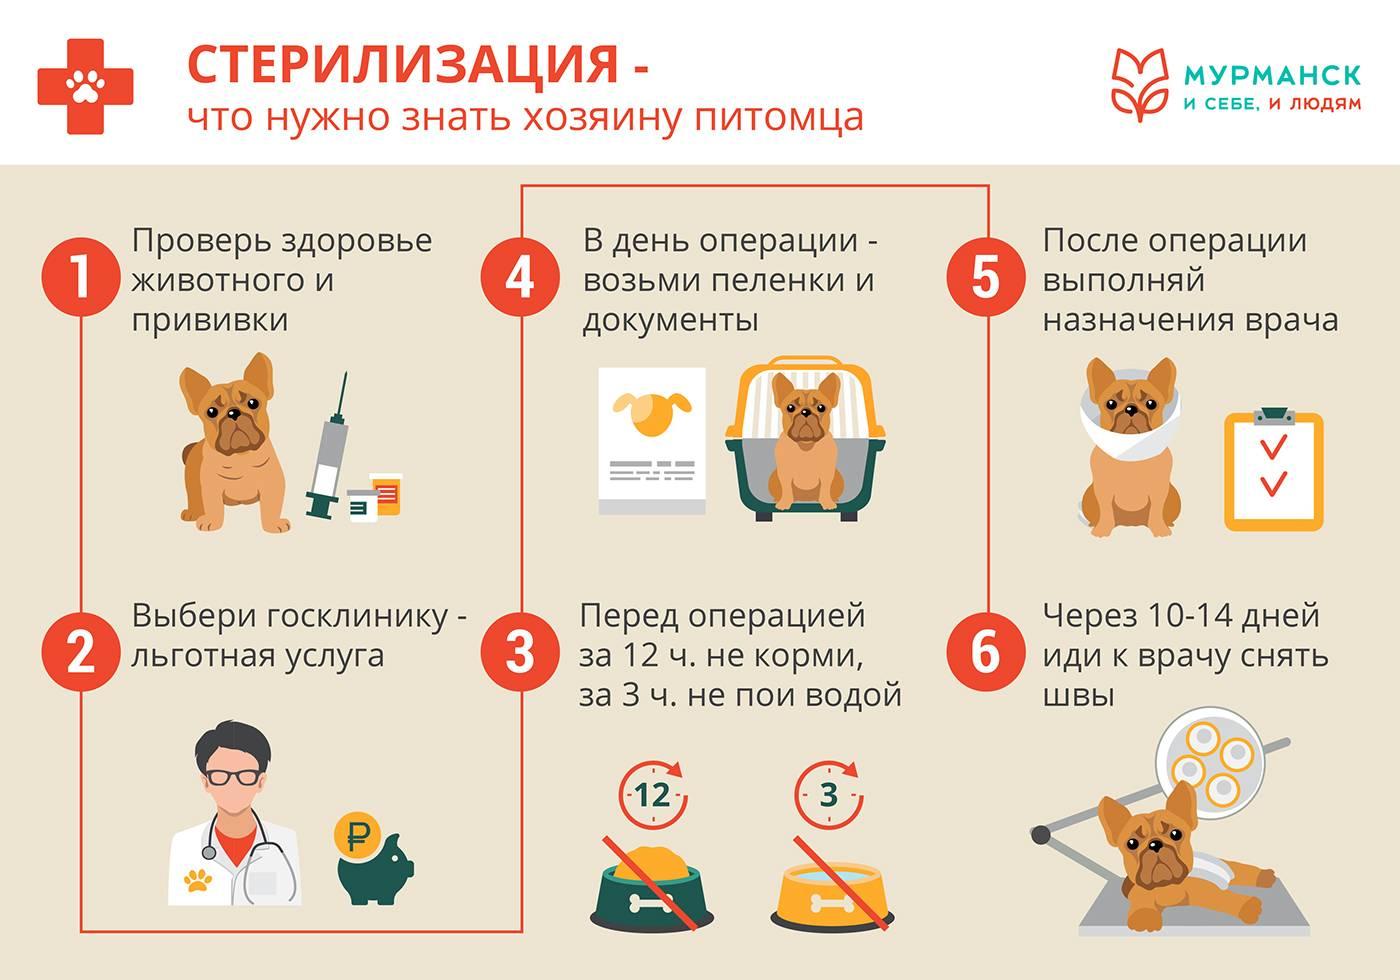 Прививка от чумки котенку - вакцинация кошек от чумки в клинике зоостатус